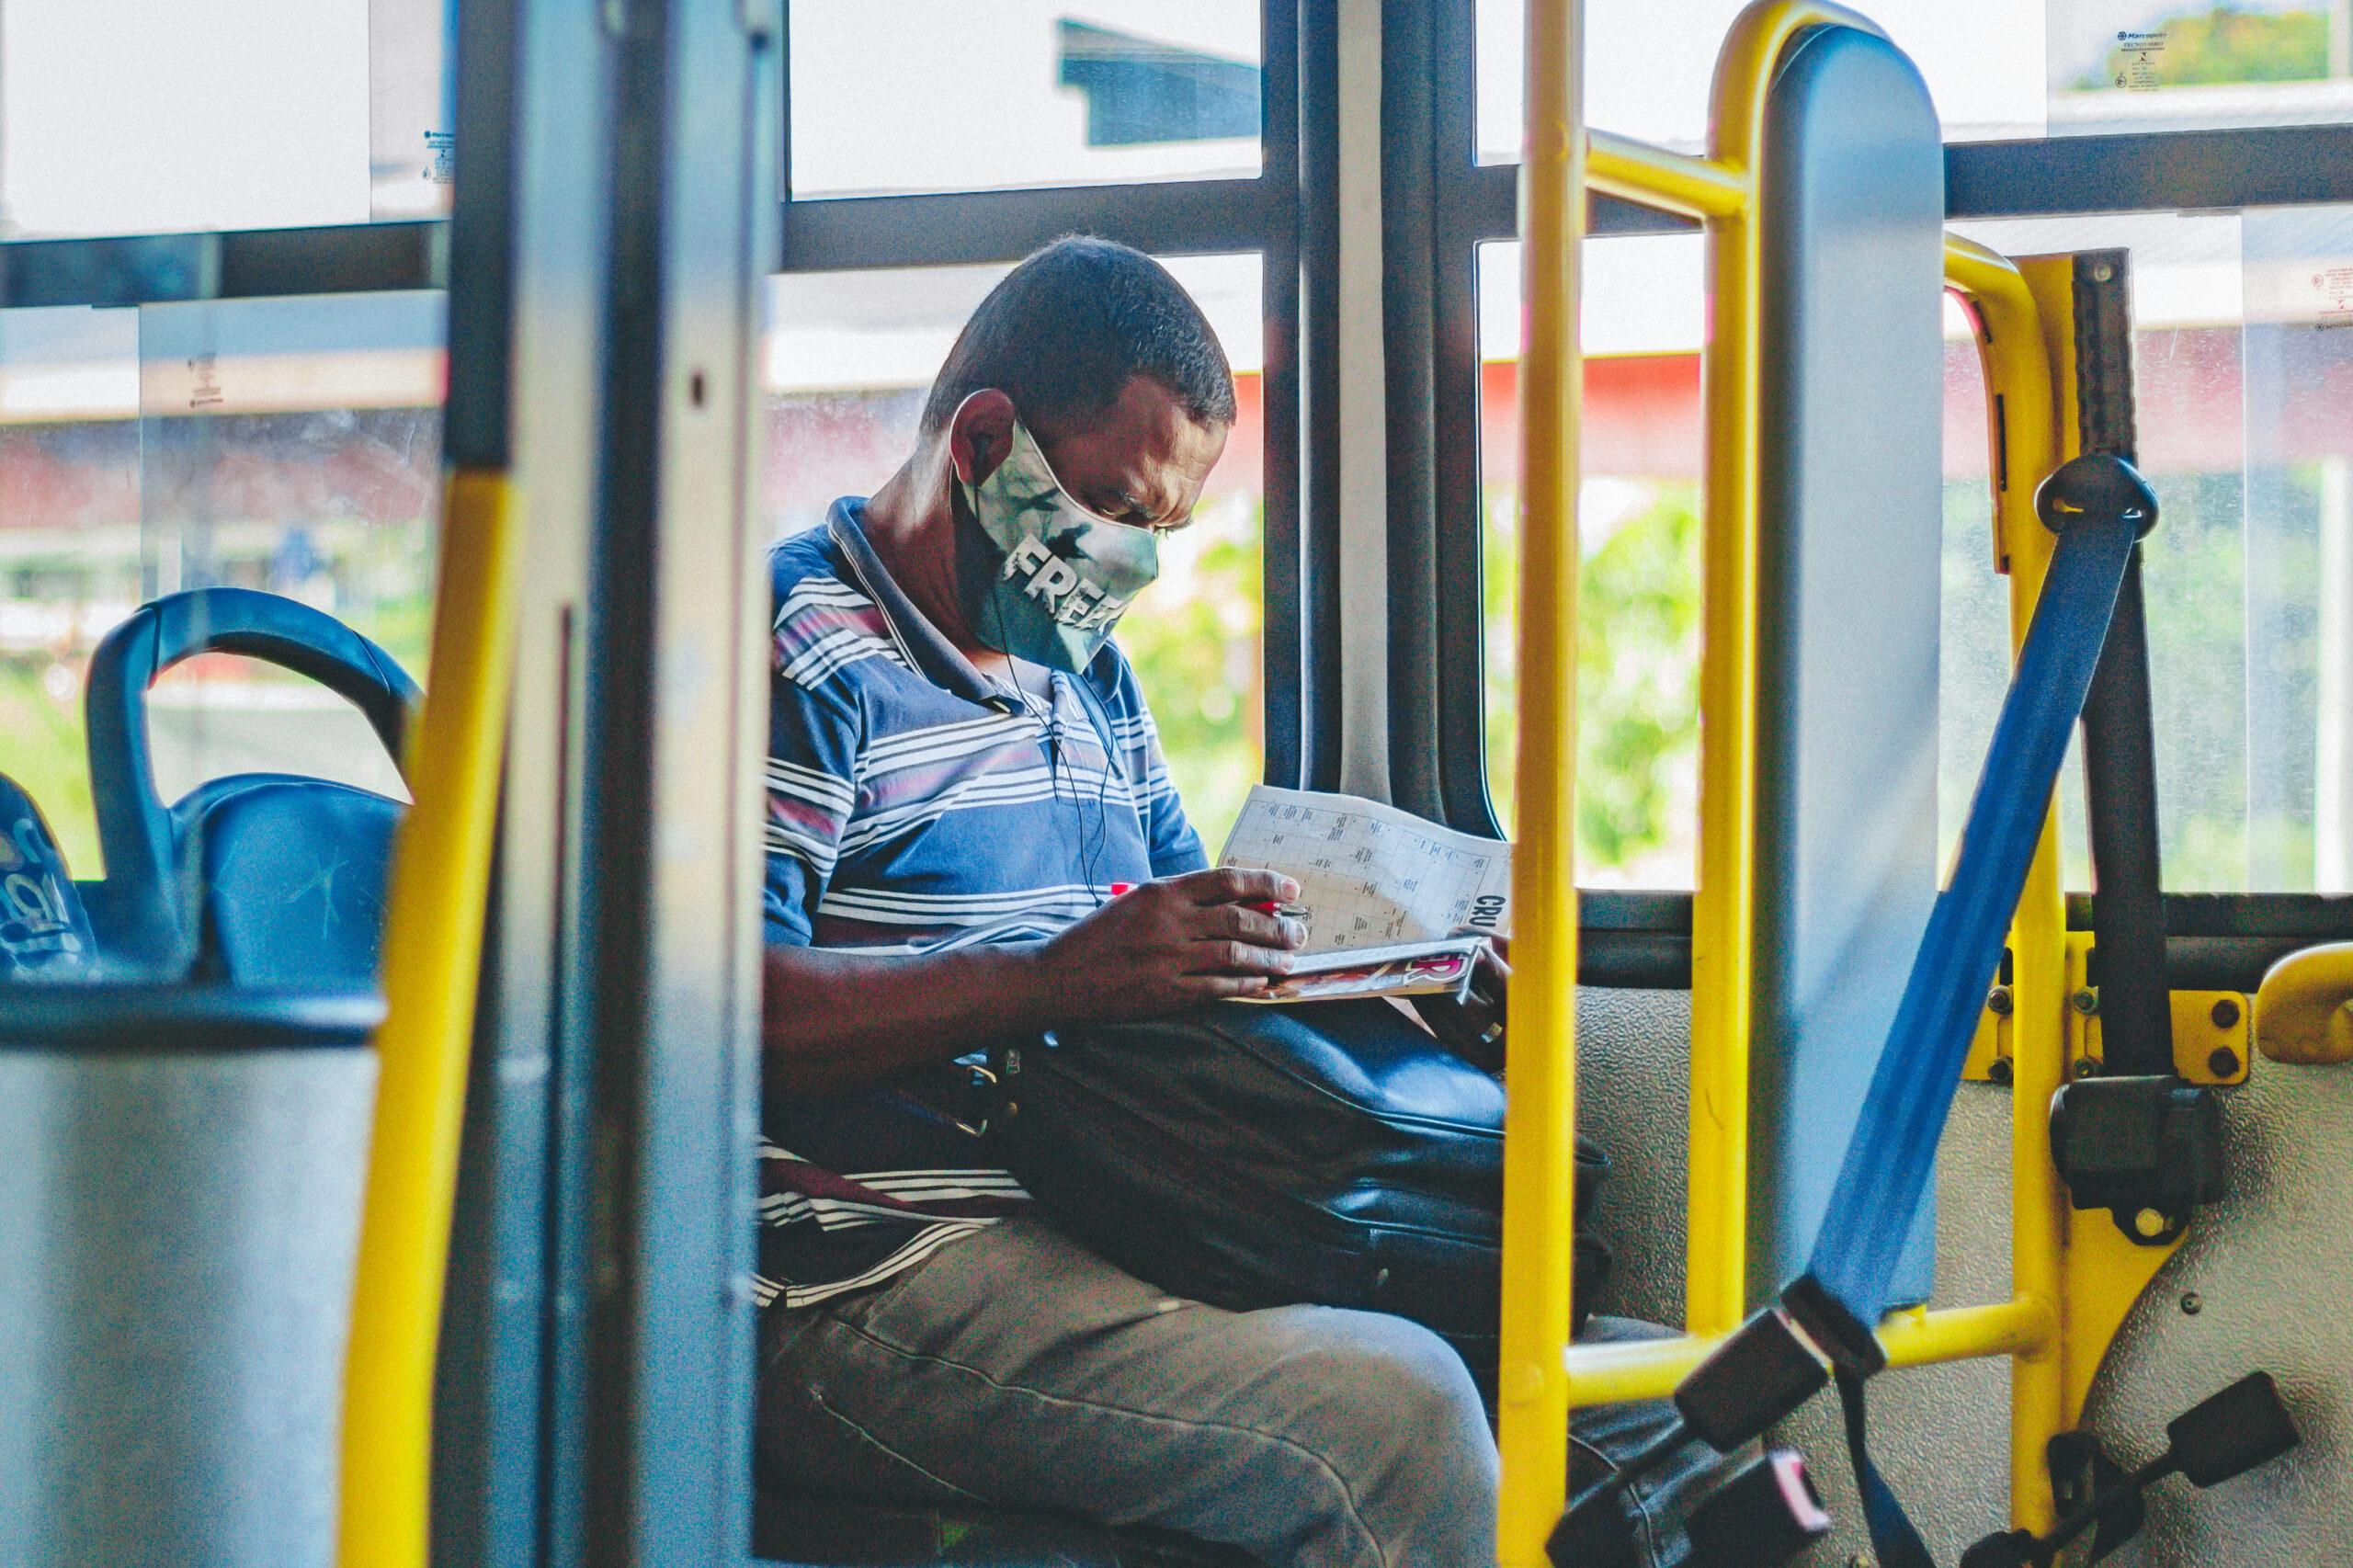 Pesquisa mostra que transporte coletivo não está entre os alvos de contaminação